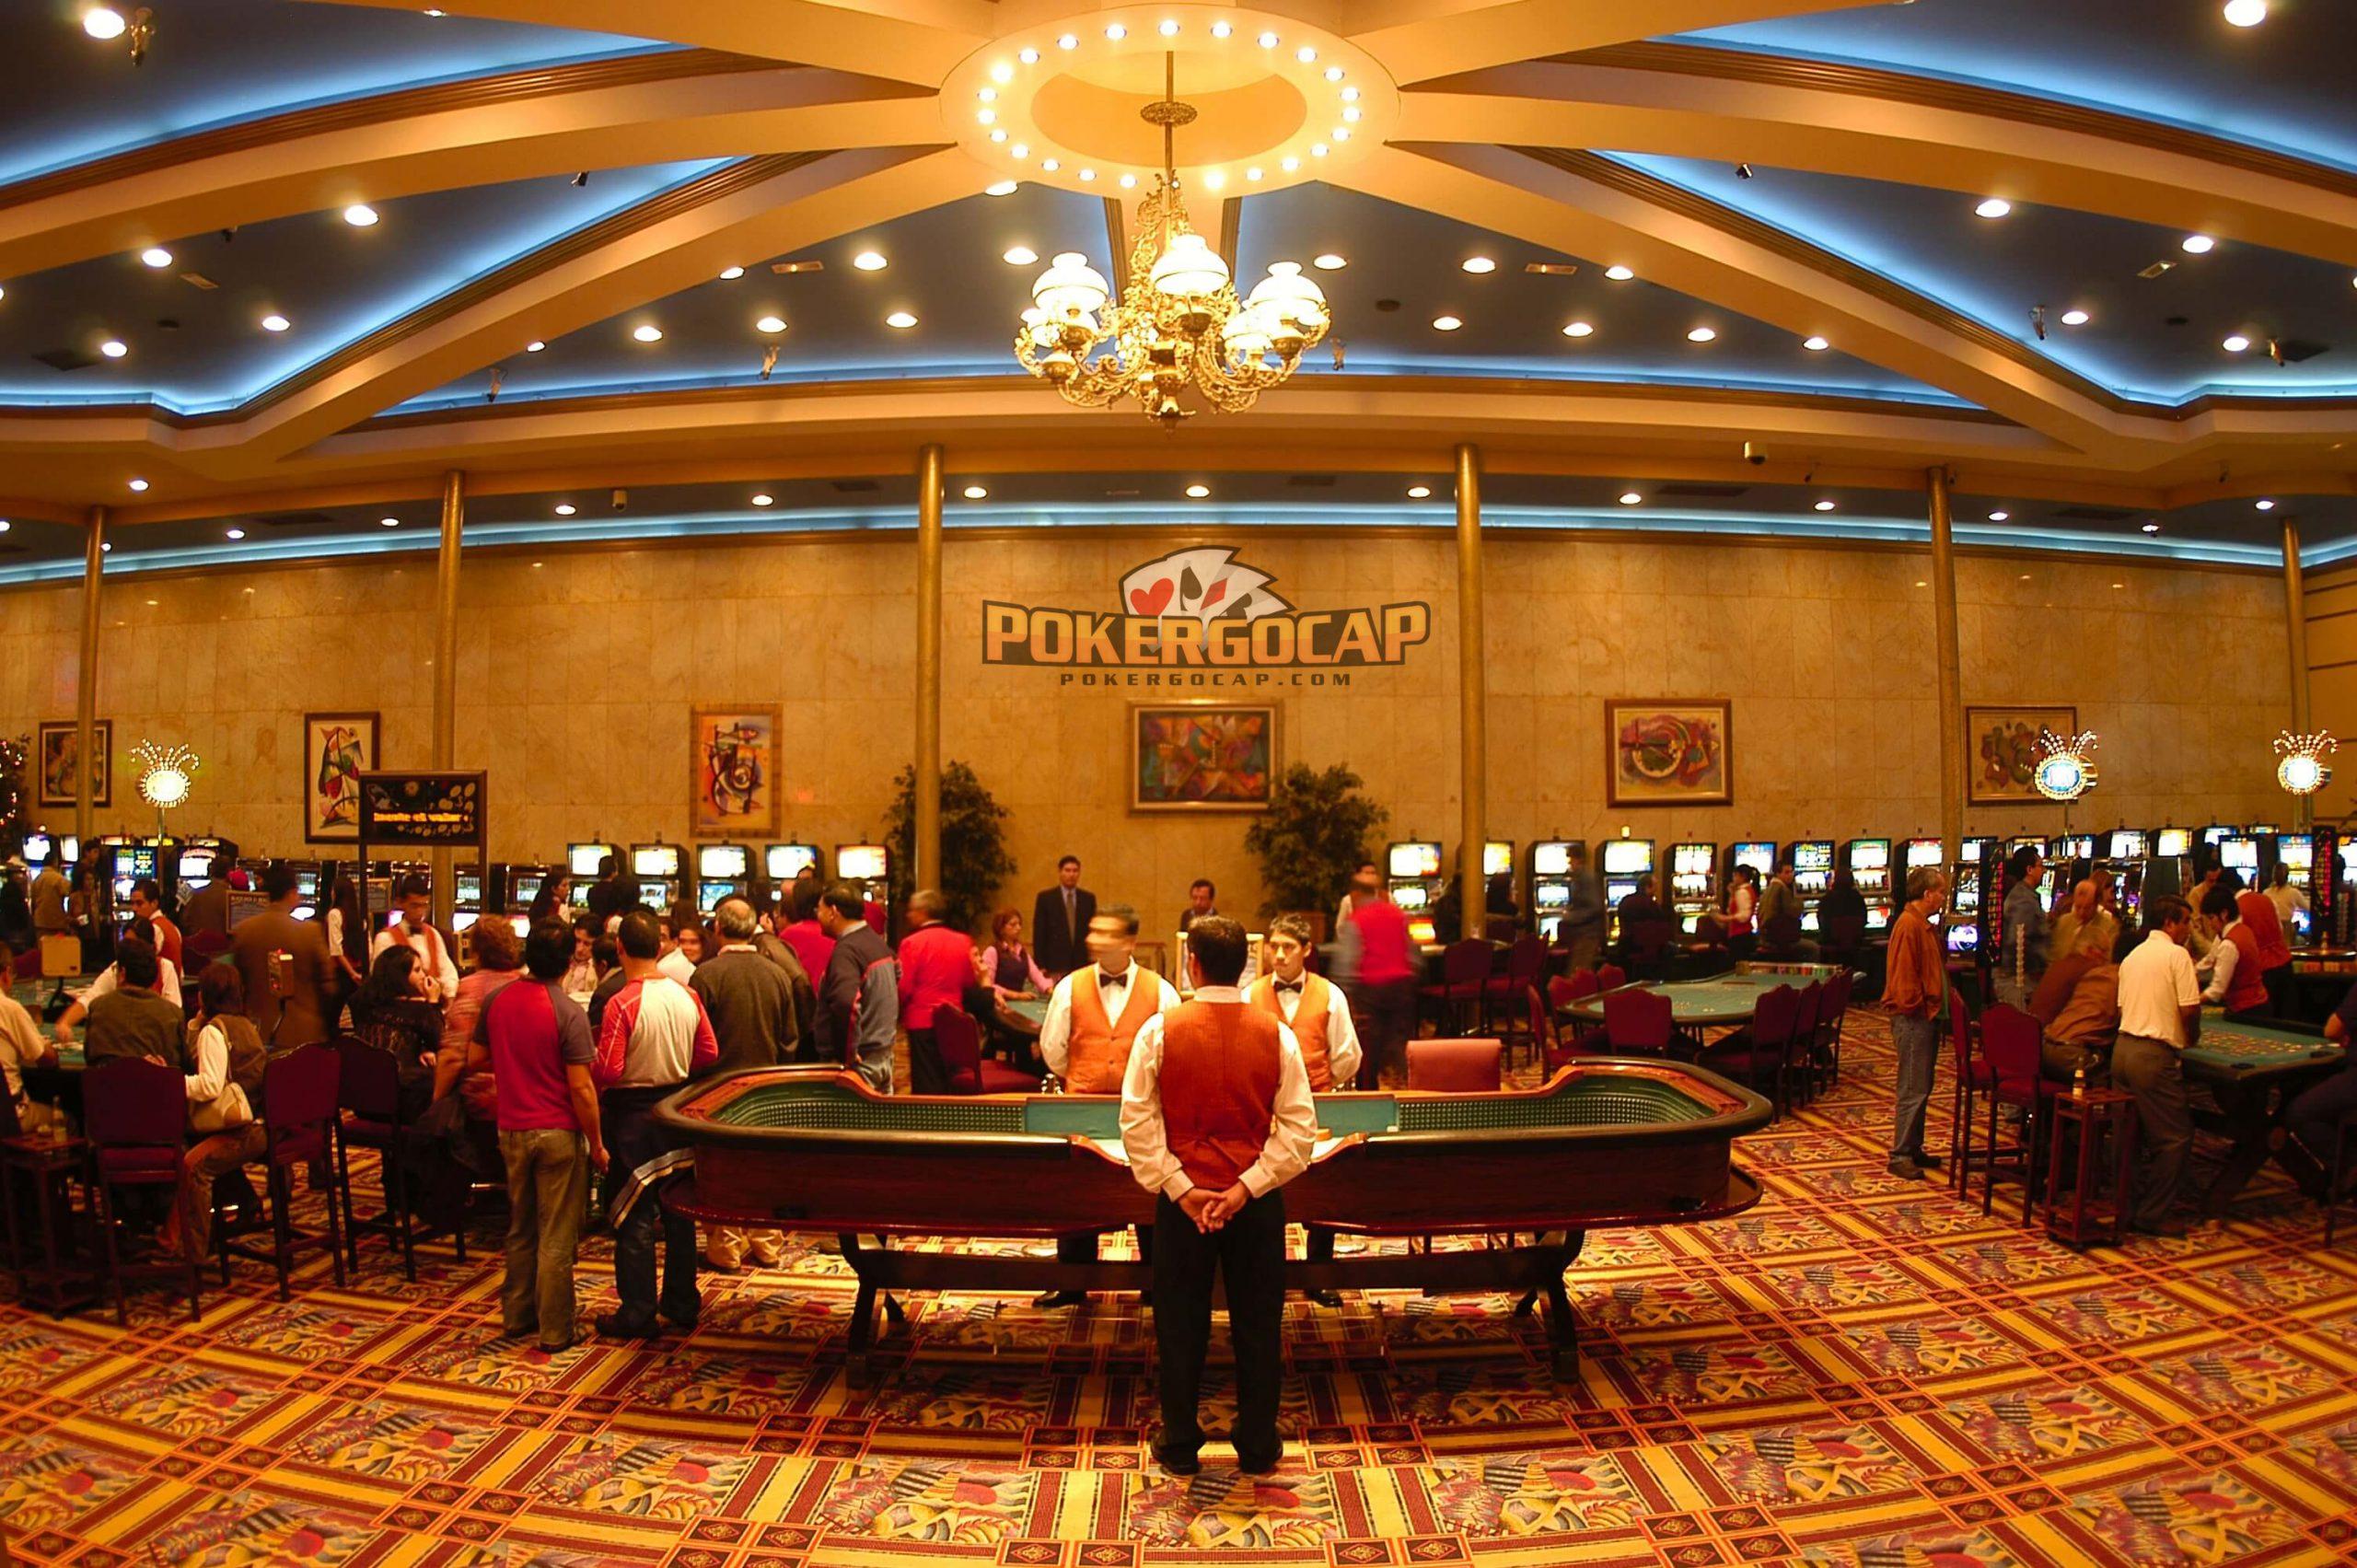 Permainan Kartu di Situs Poker Online Terbaik PokerGocap